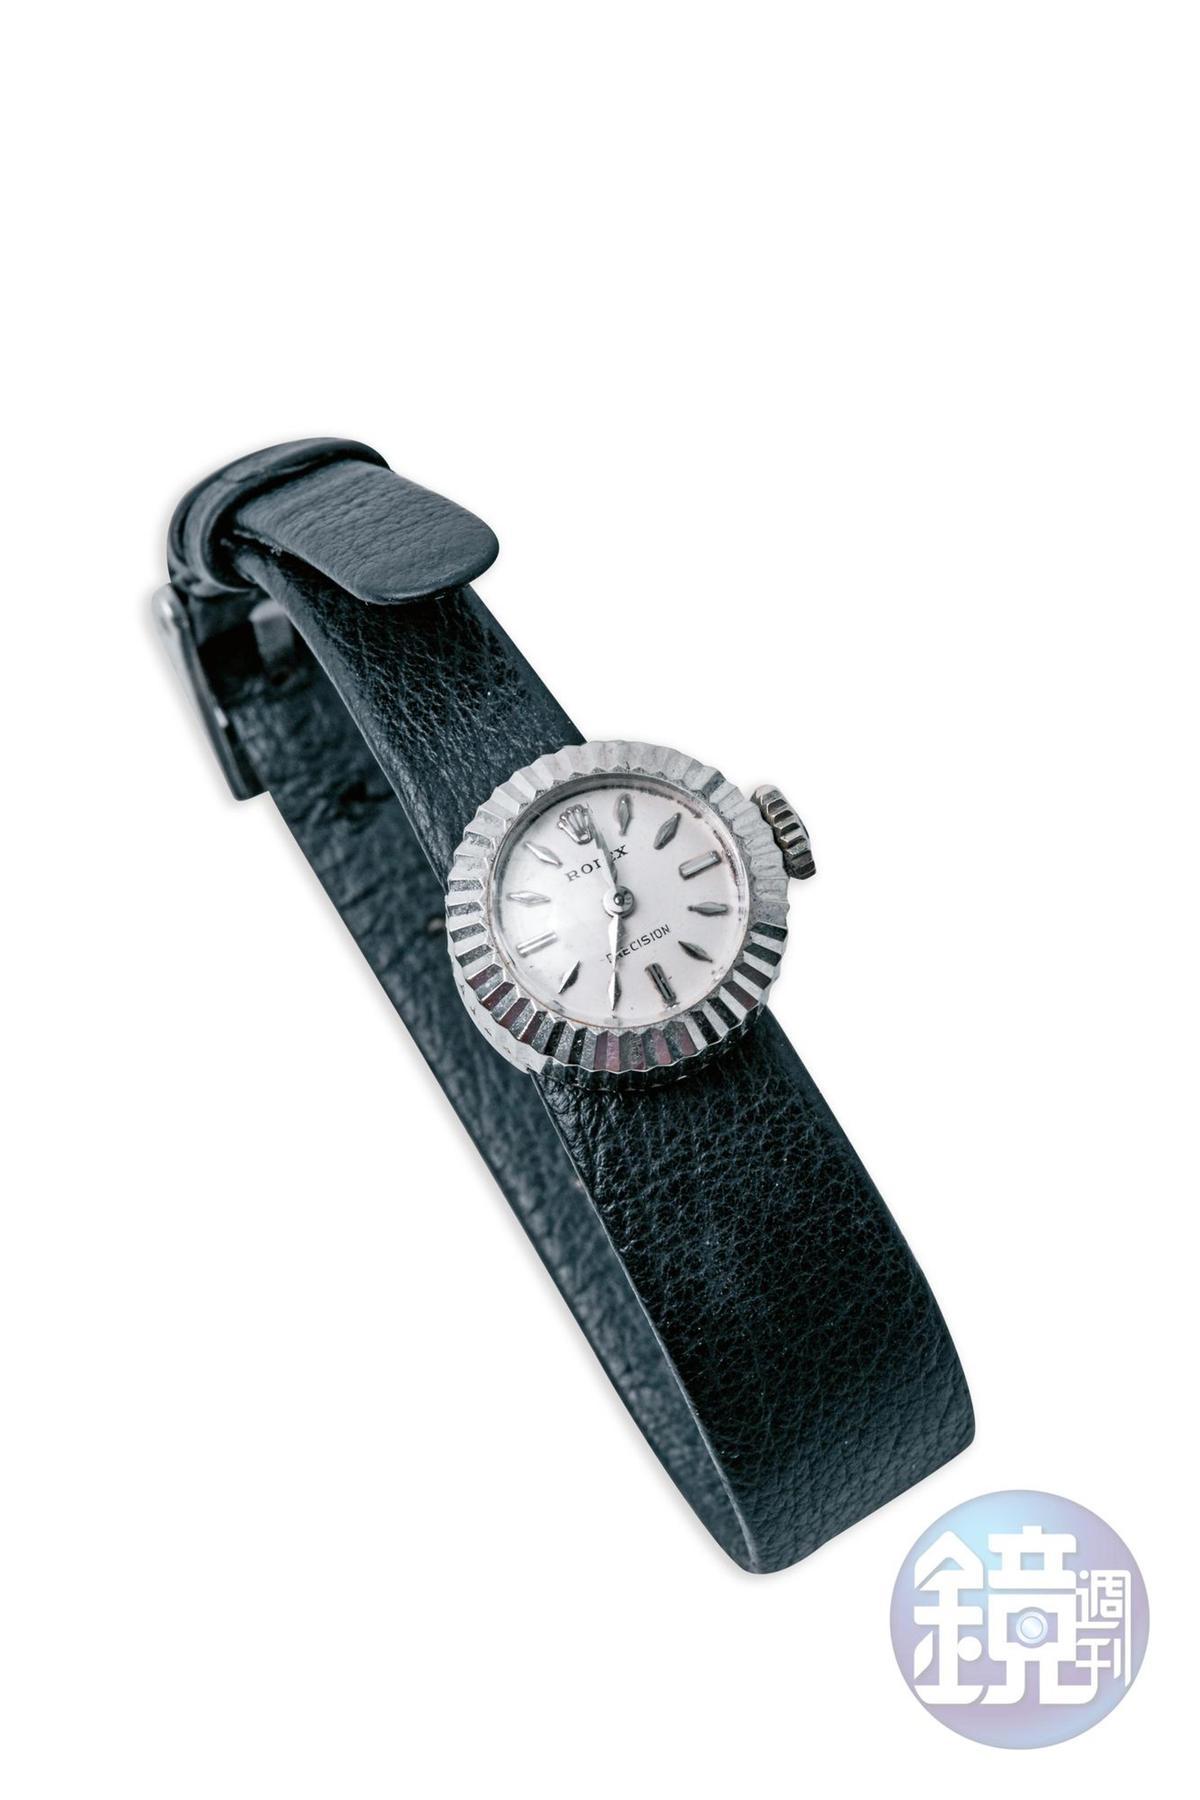 ROLEX古董錶,約NT$65,000。